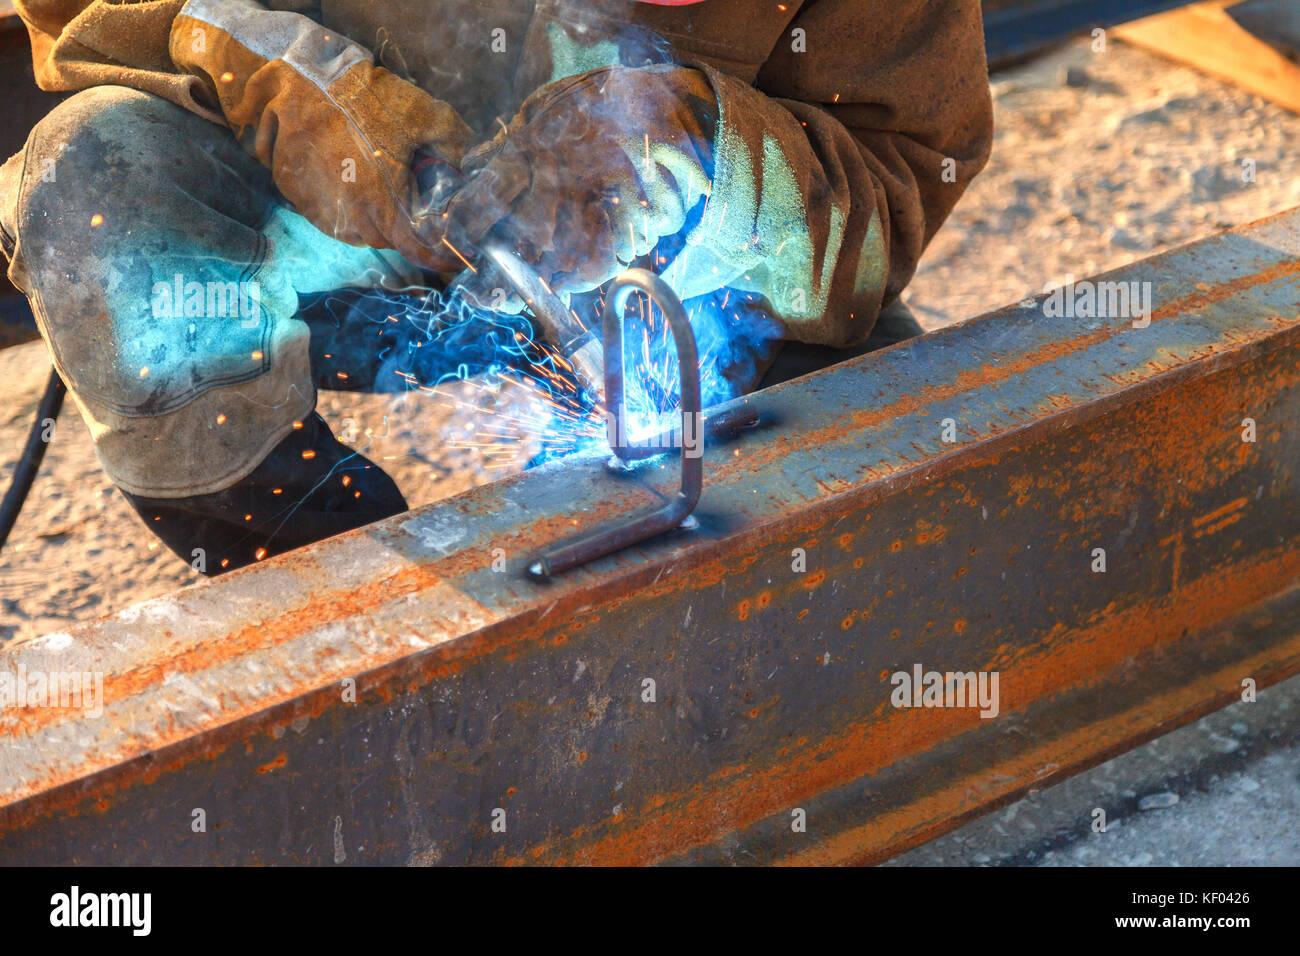 Schweißarbeiten, Schweißer Schweißen von Metall in der Schwerindustrie, Fertigung, video clip Stockfoto